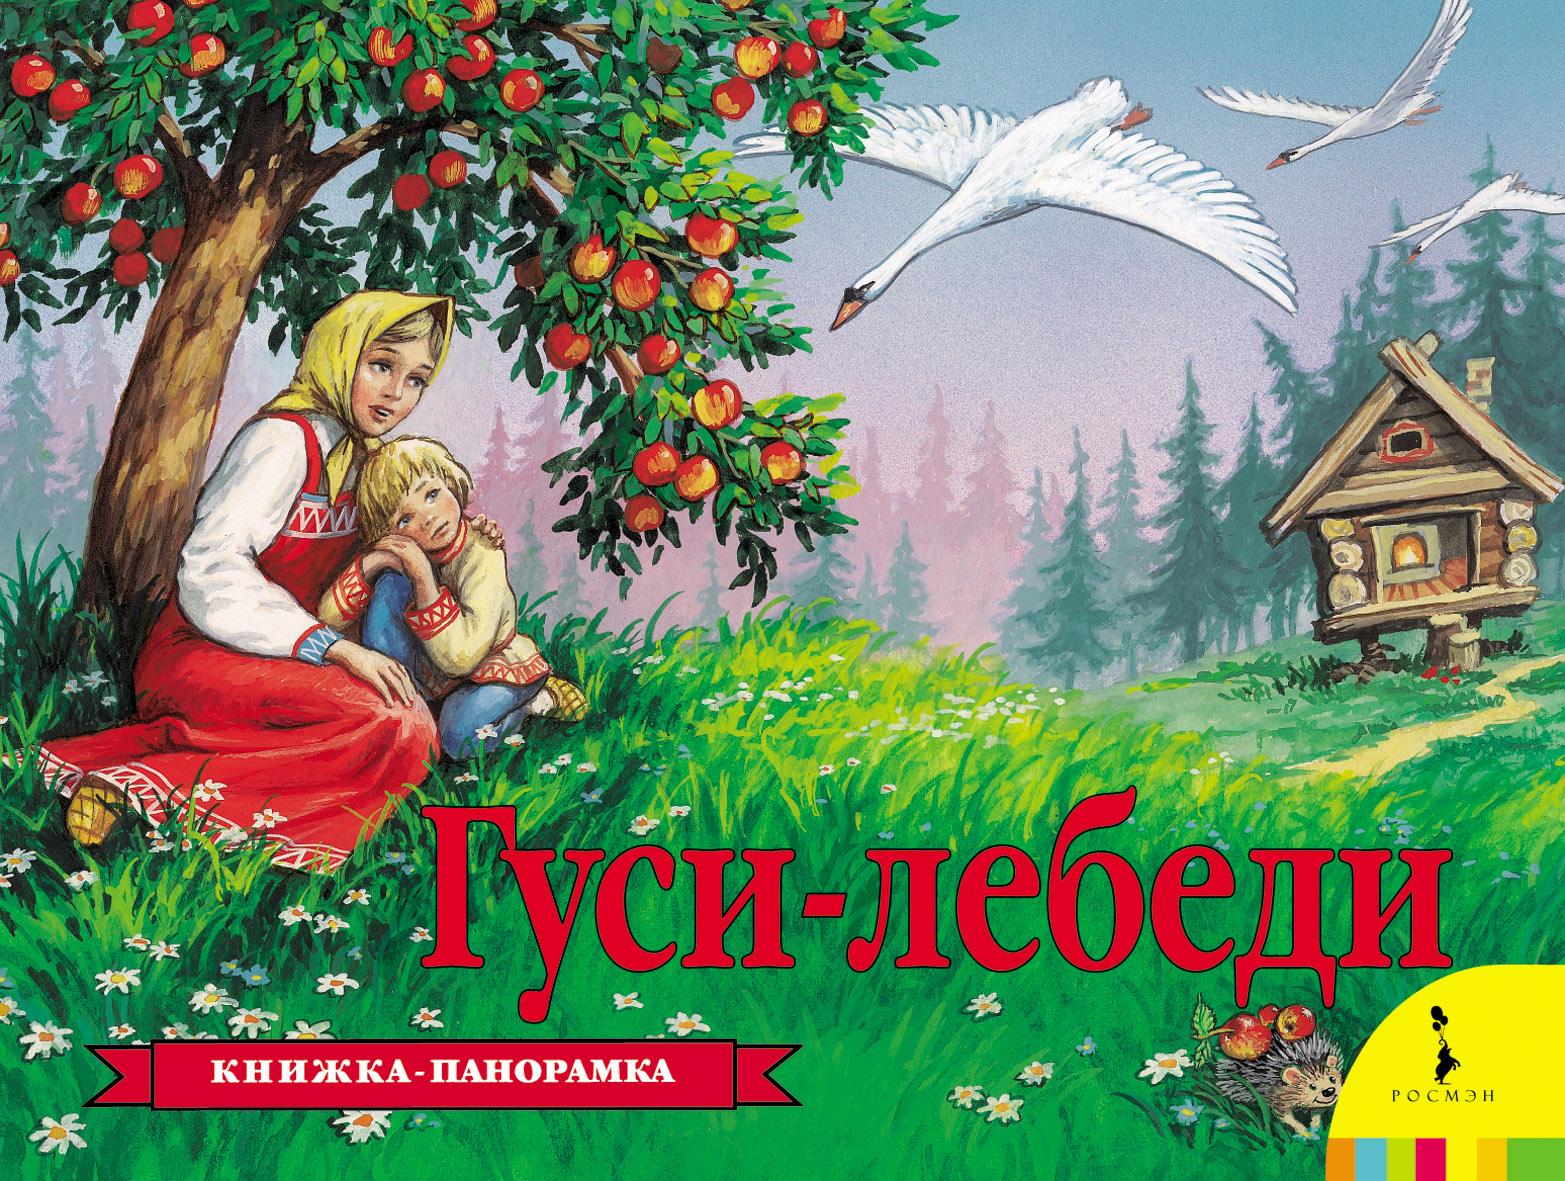 Книжка-панорама  «Гуси-Лебеди»Книги-панорамы<br>Книжка-панорама  «Гуси-Лебеди»<br>